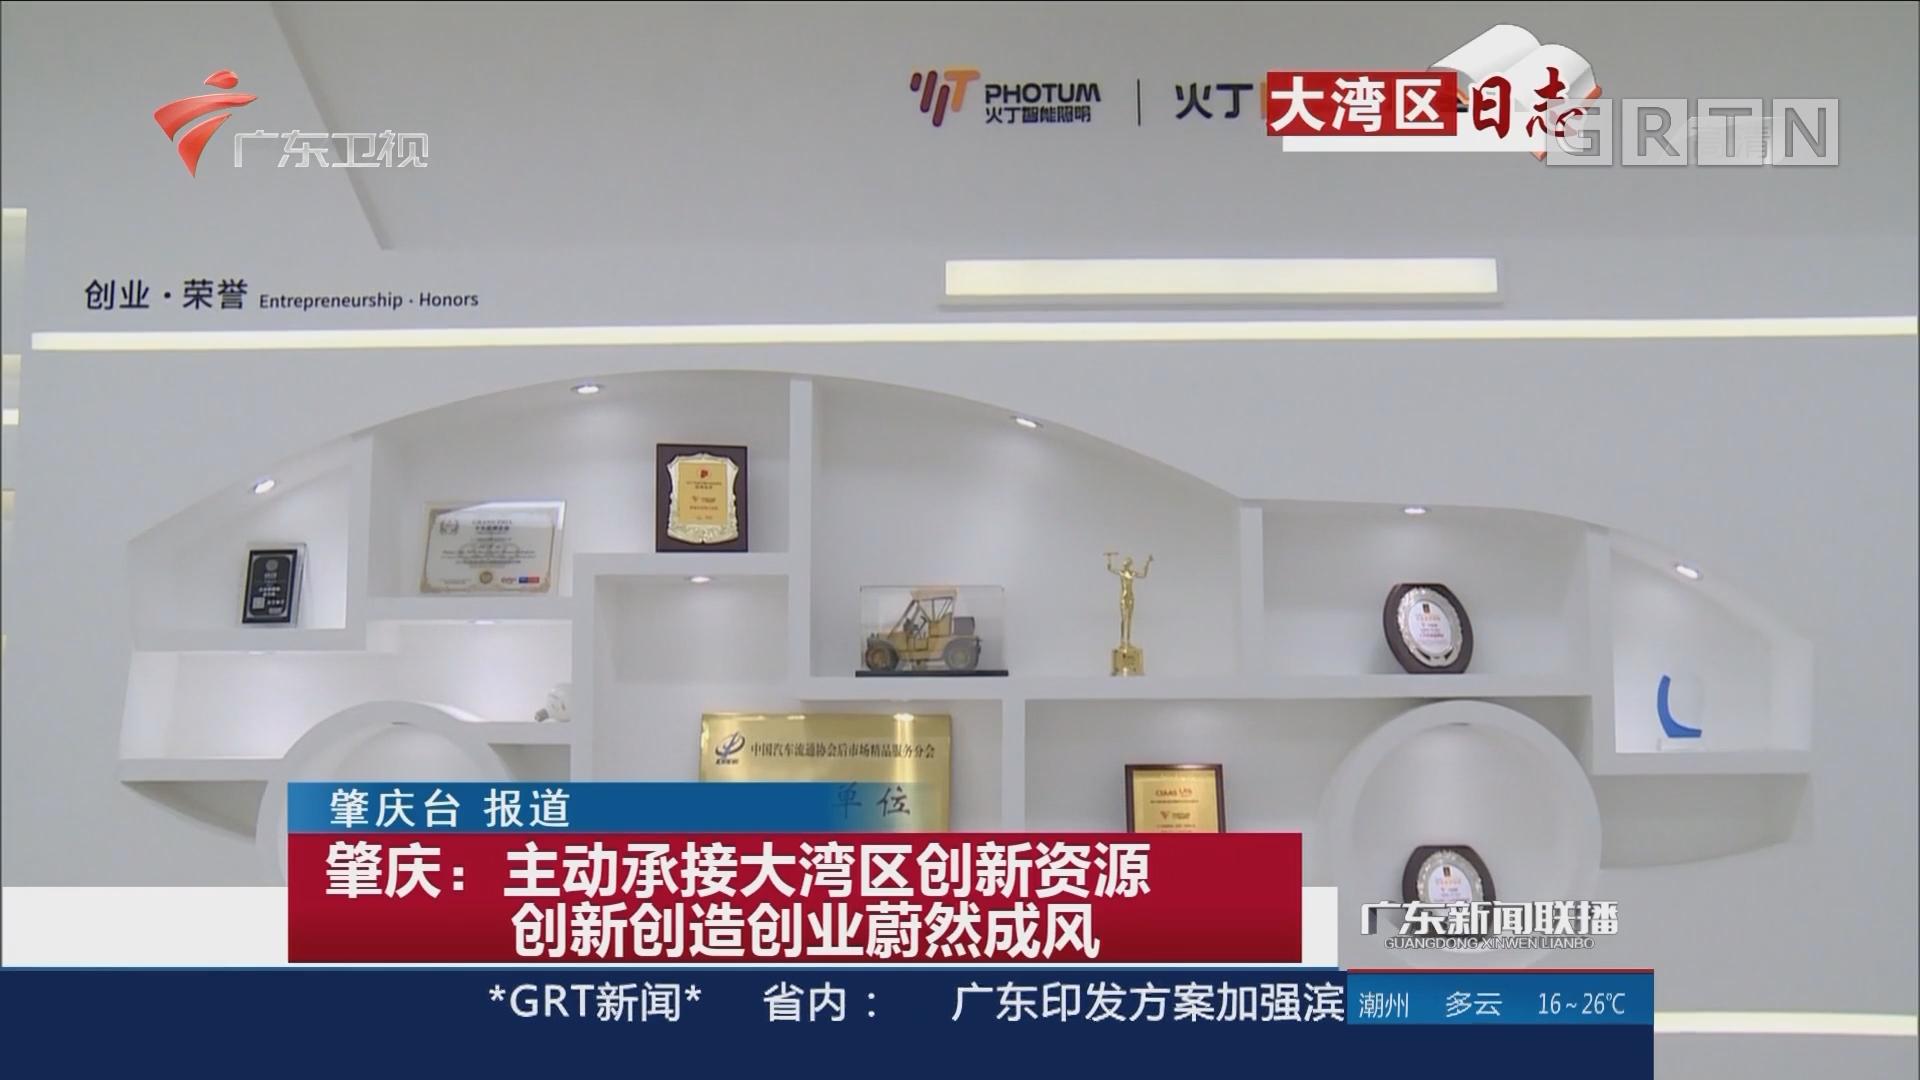 肇庆:主动承接大湾区创新资源创新创造创业蔚然成风